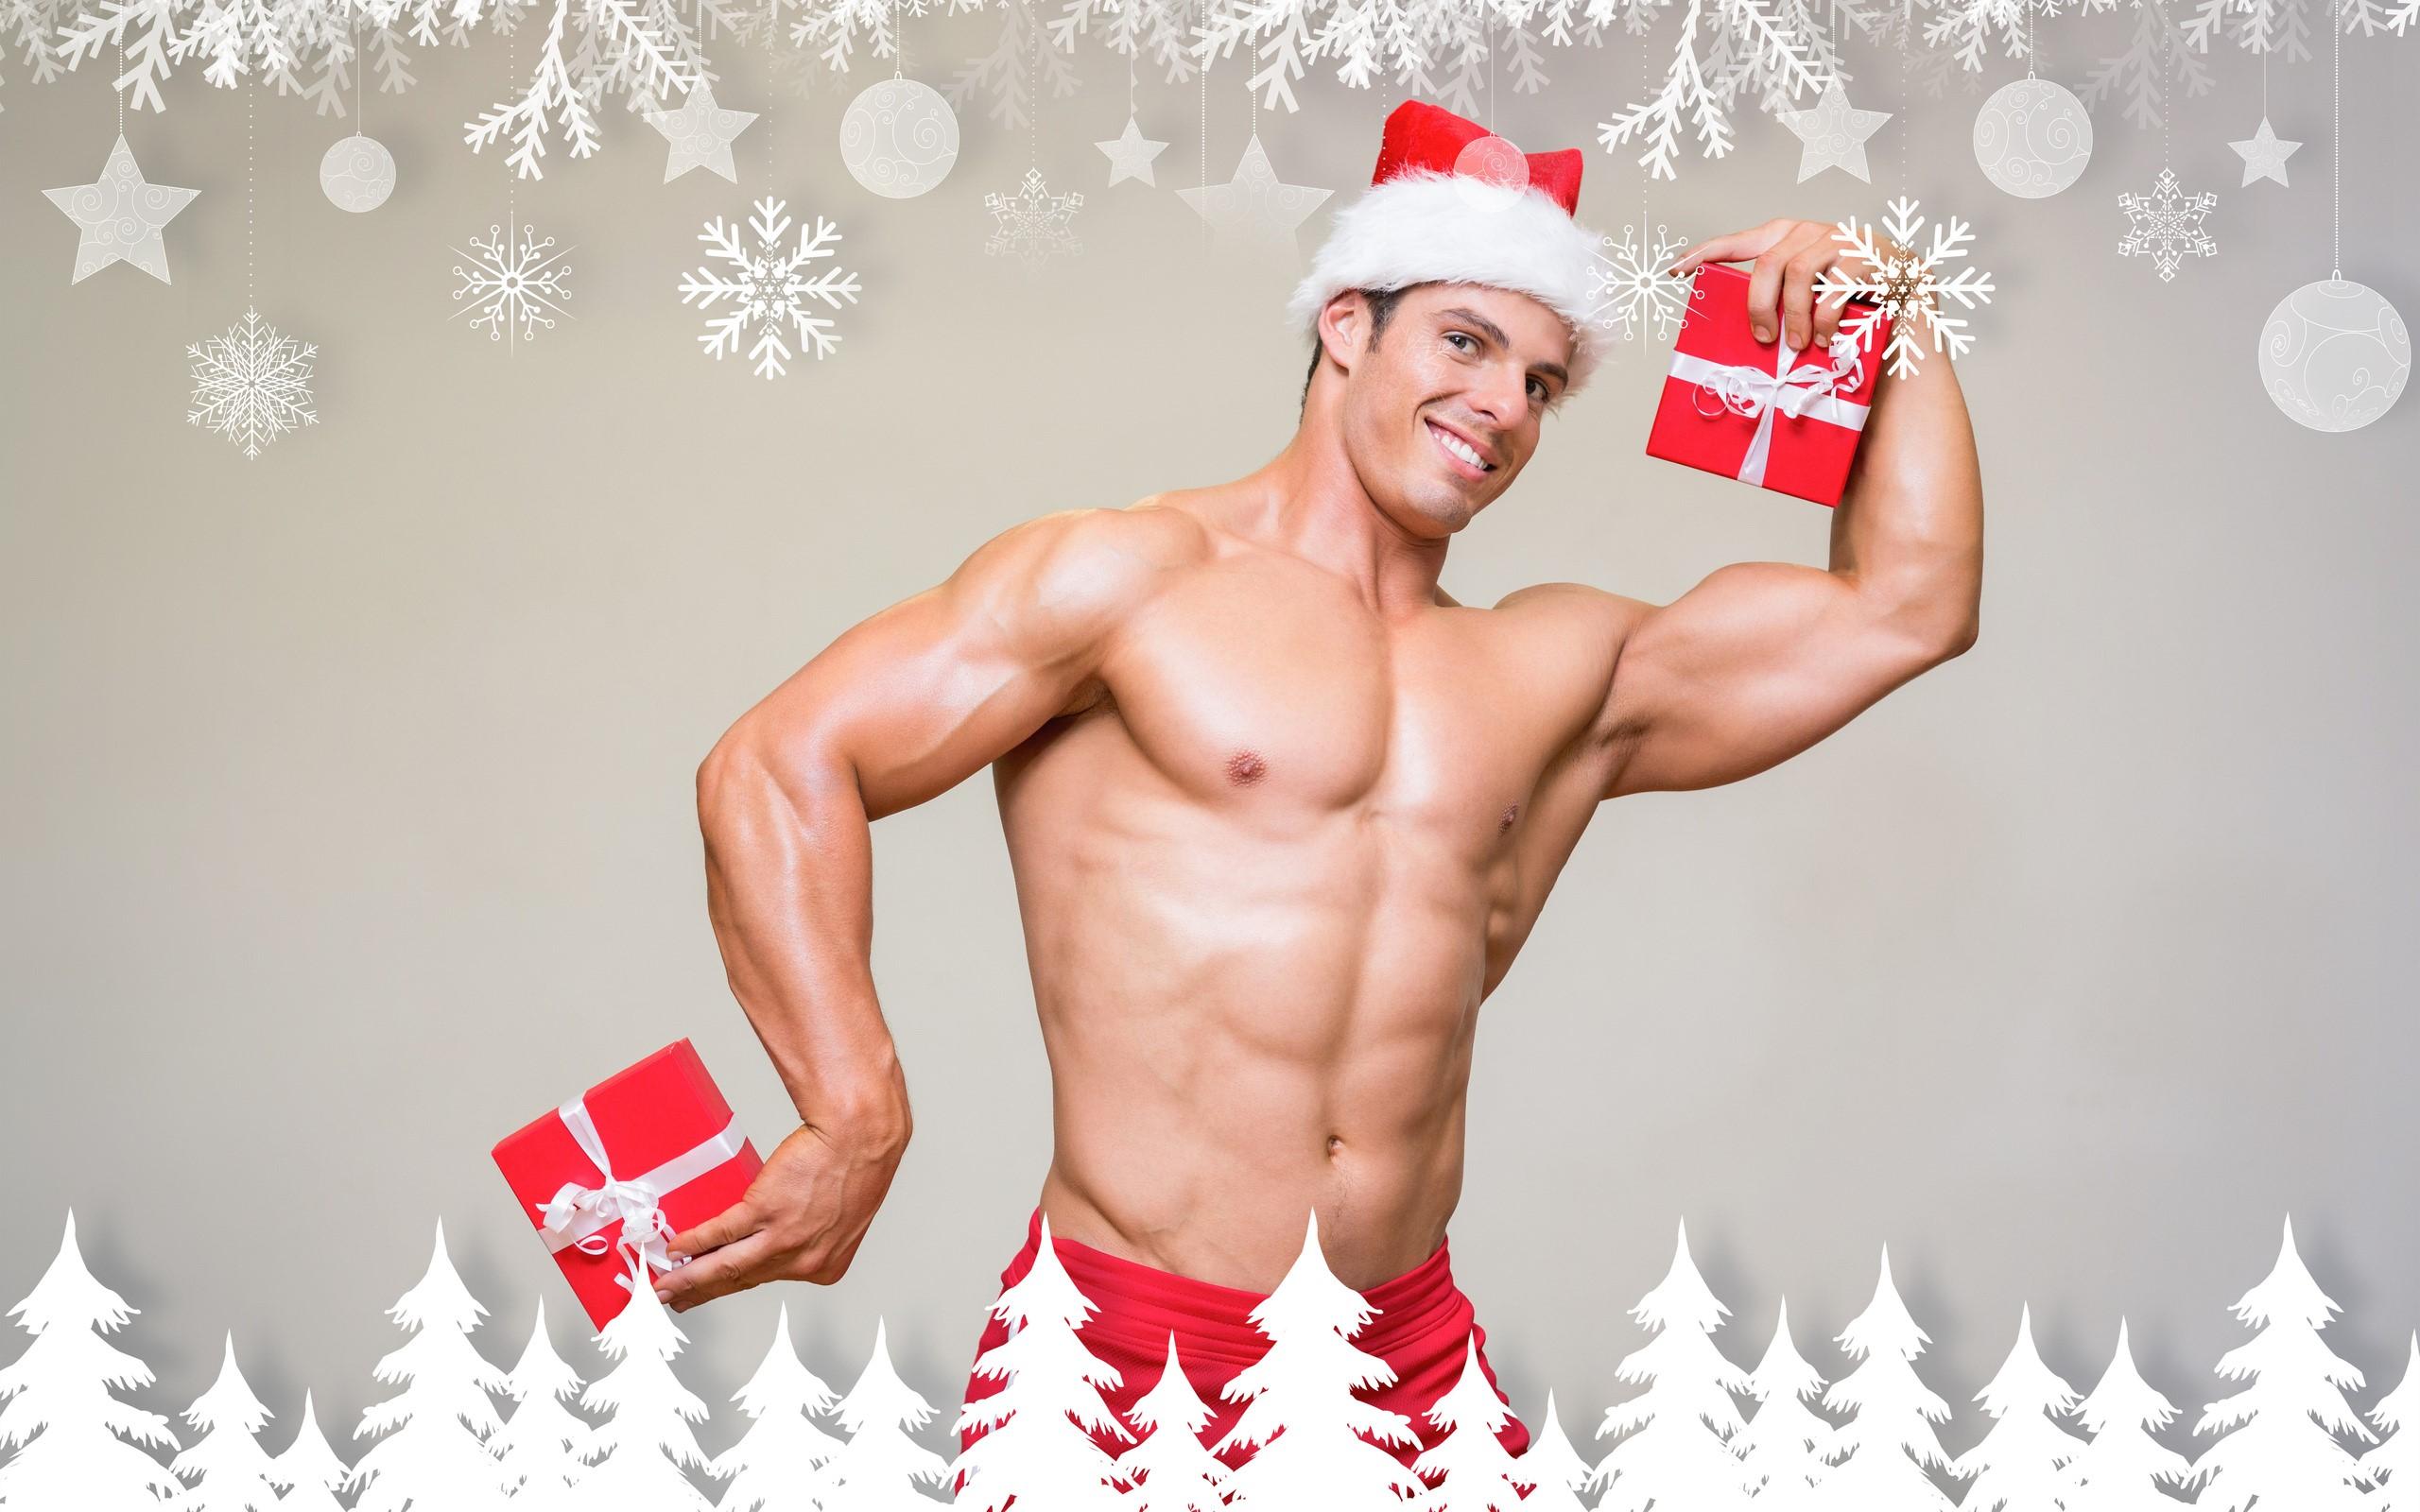 Новогодние картинки для мужчины